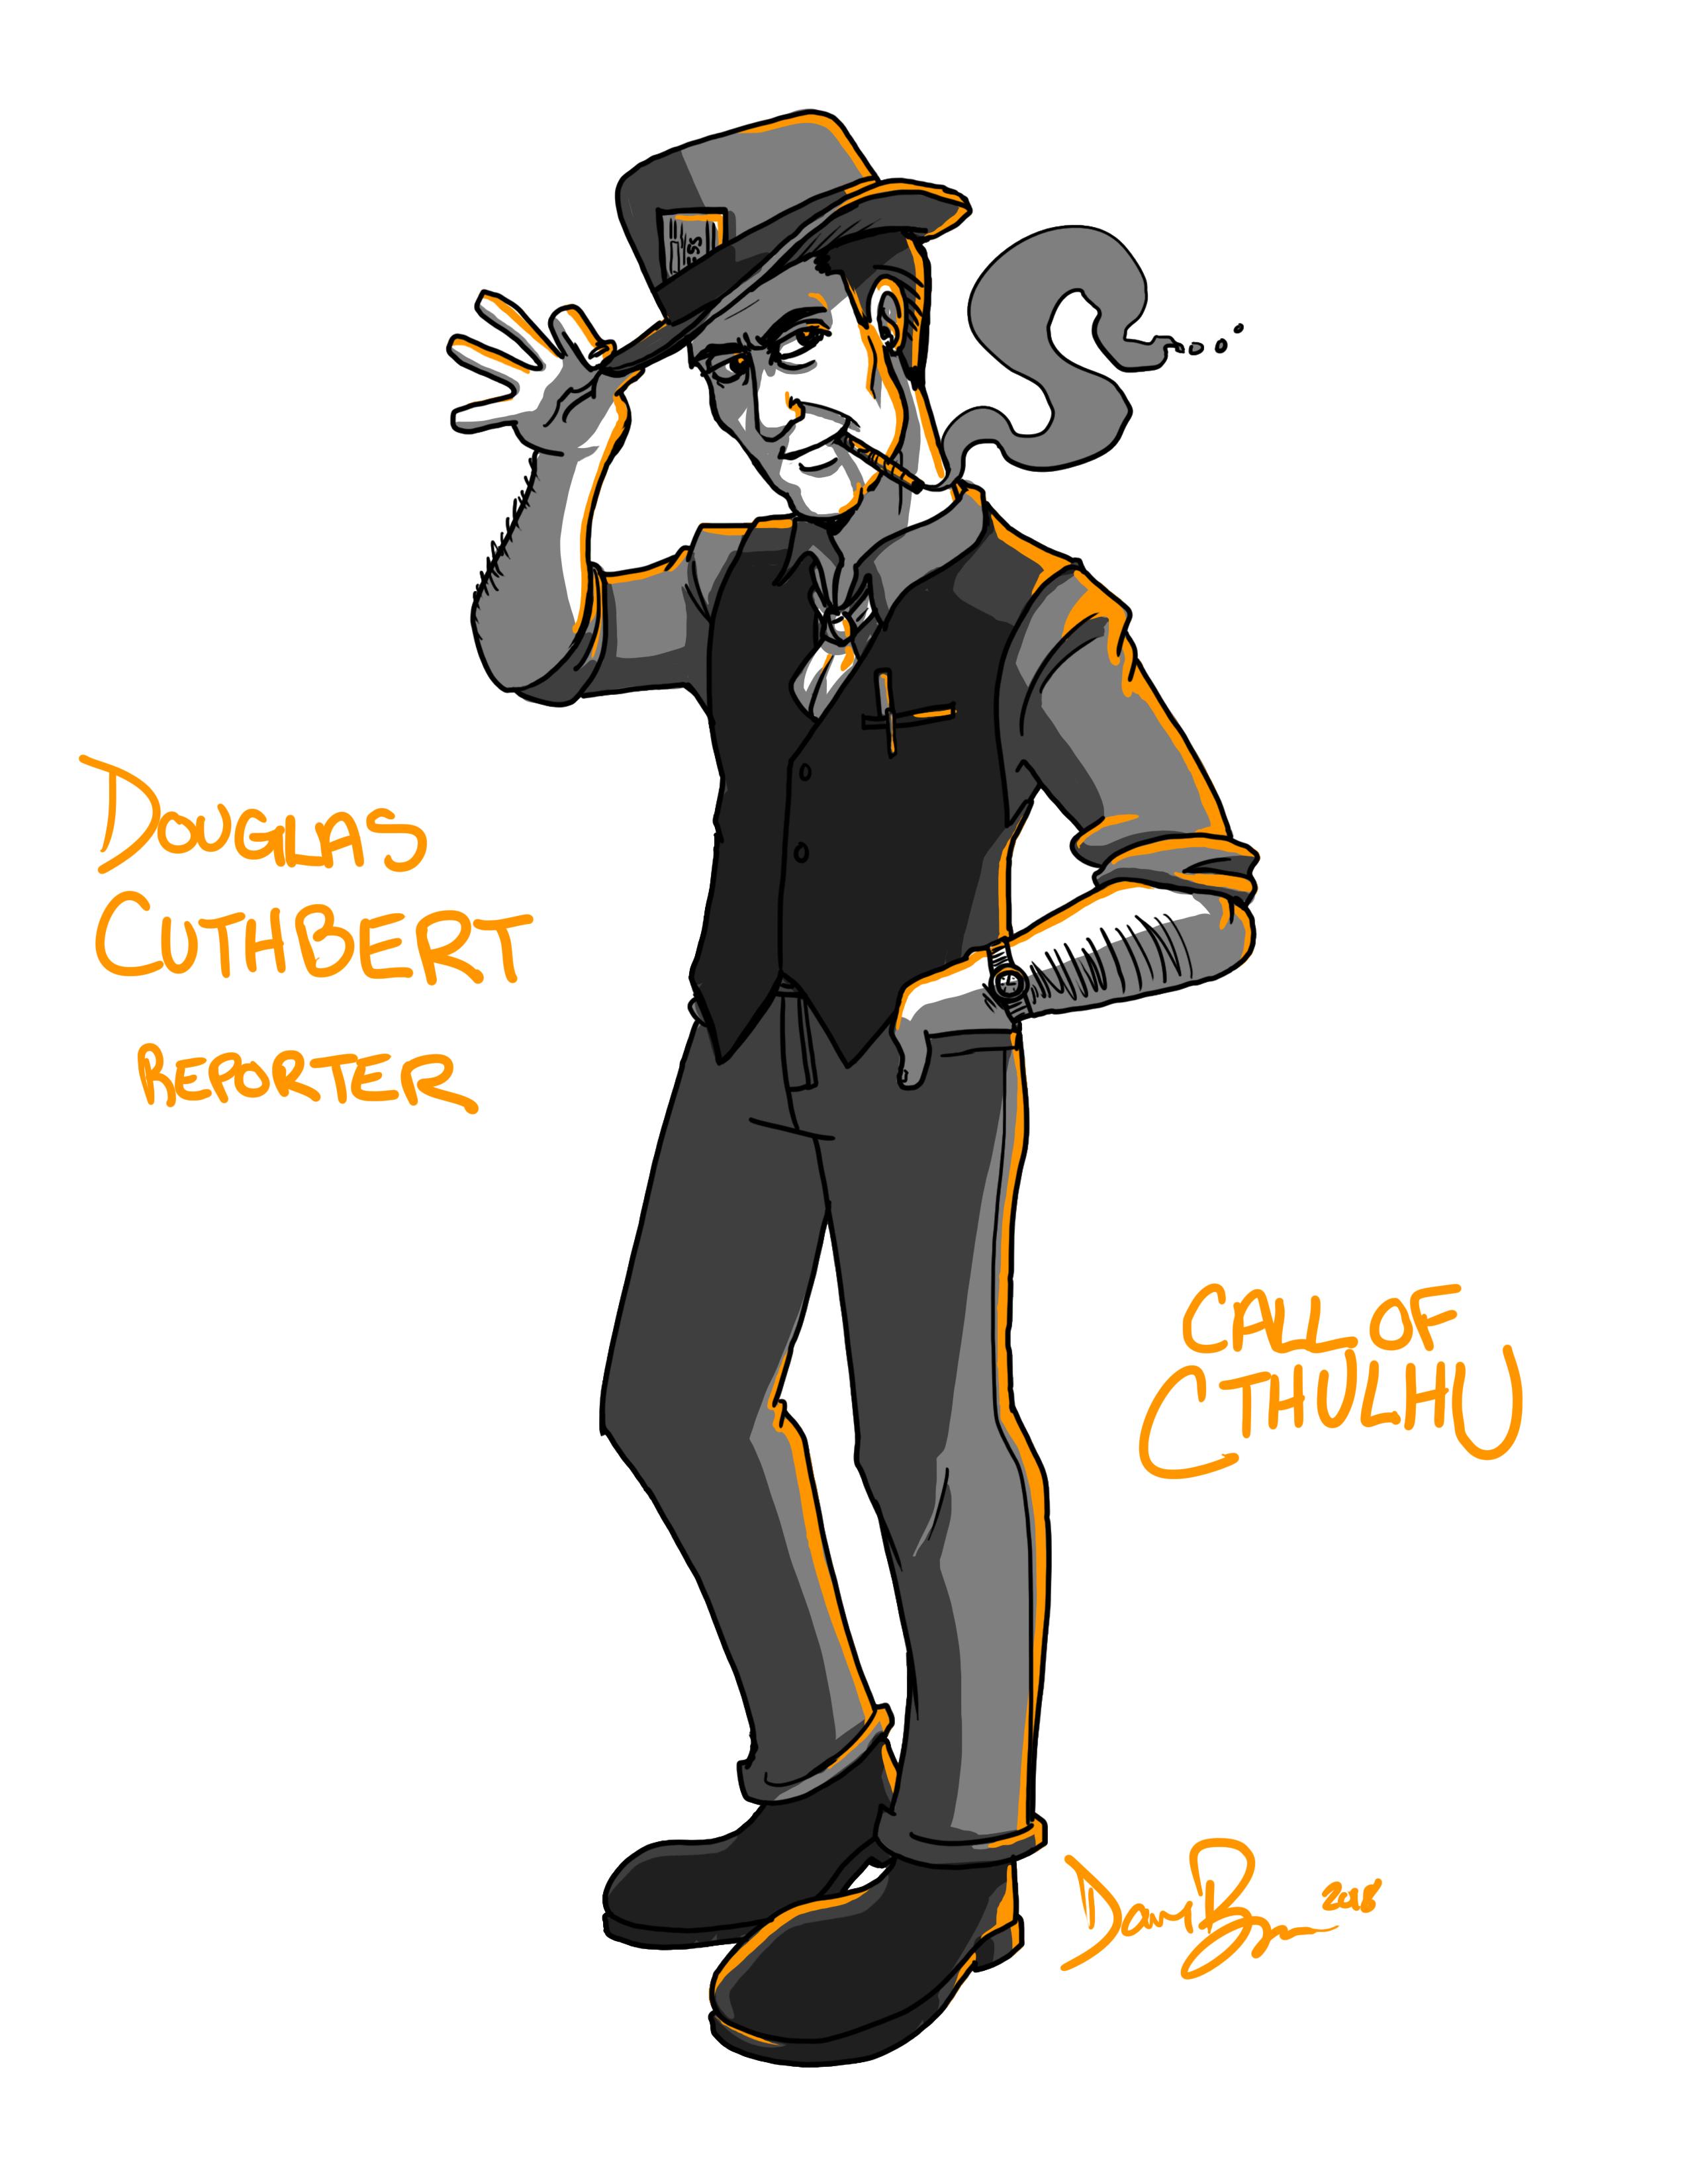 Character_DouglasCuthbert